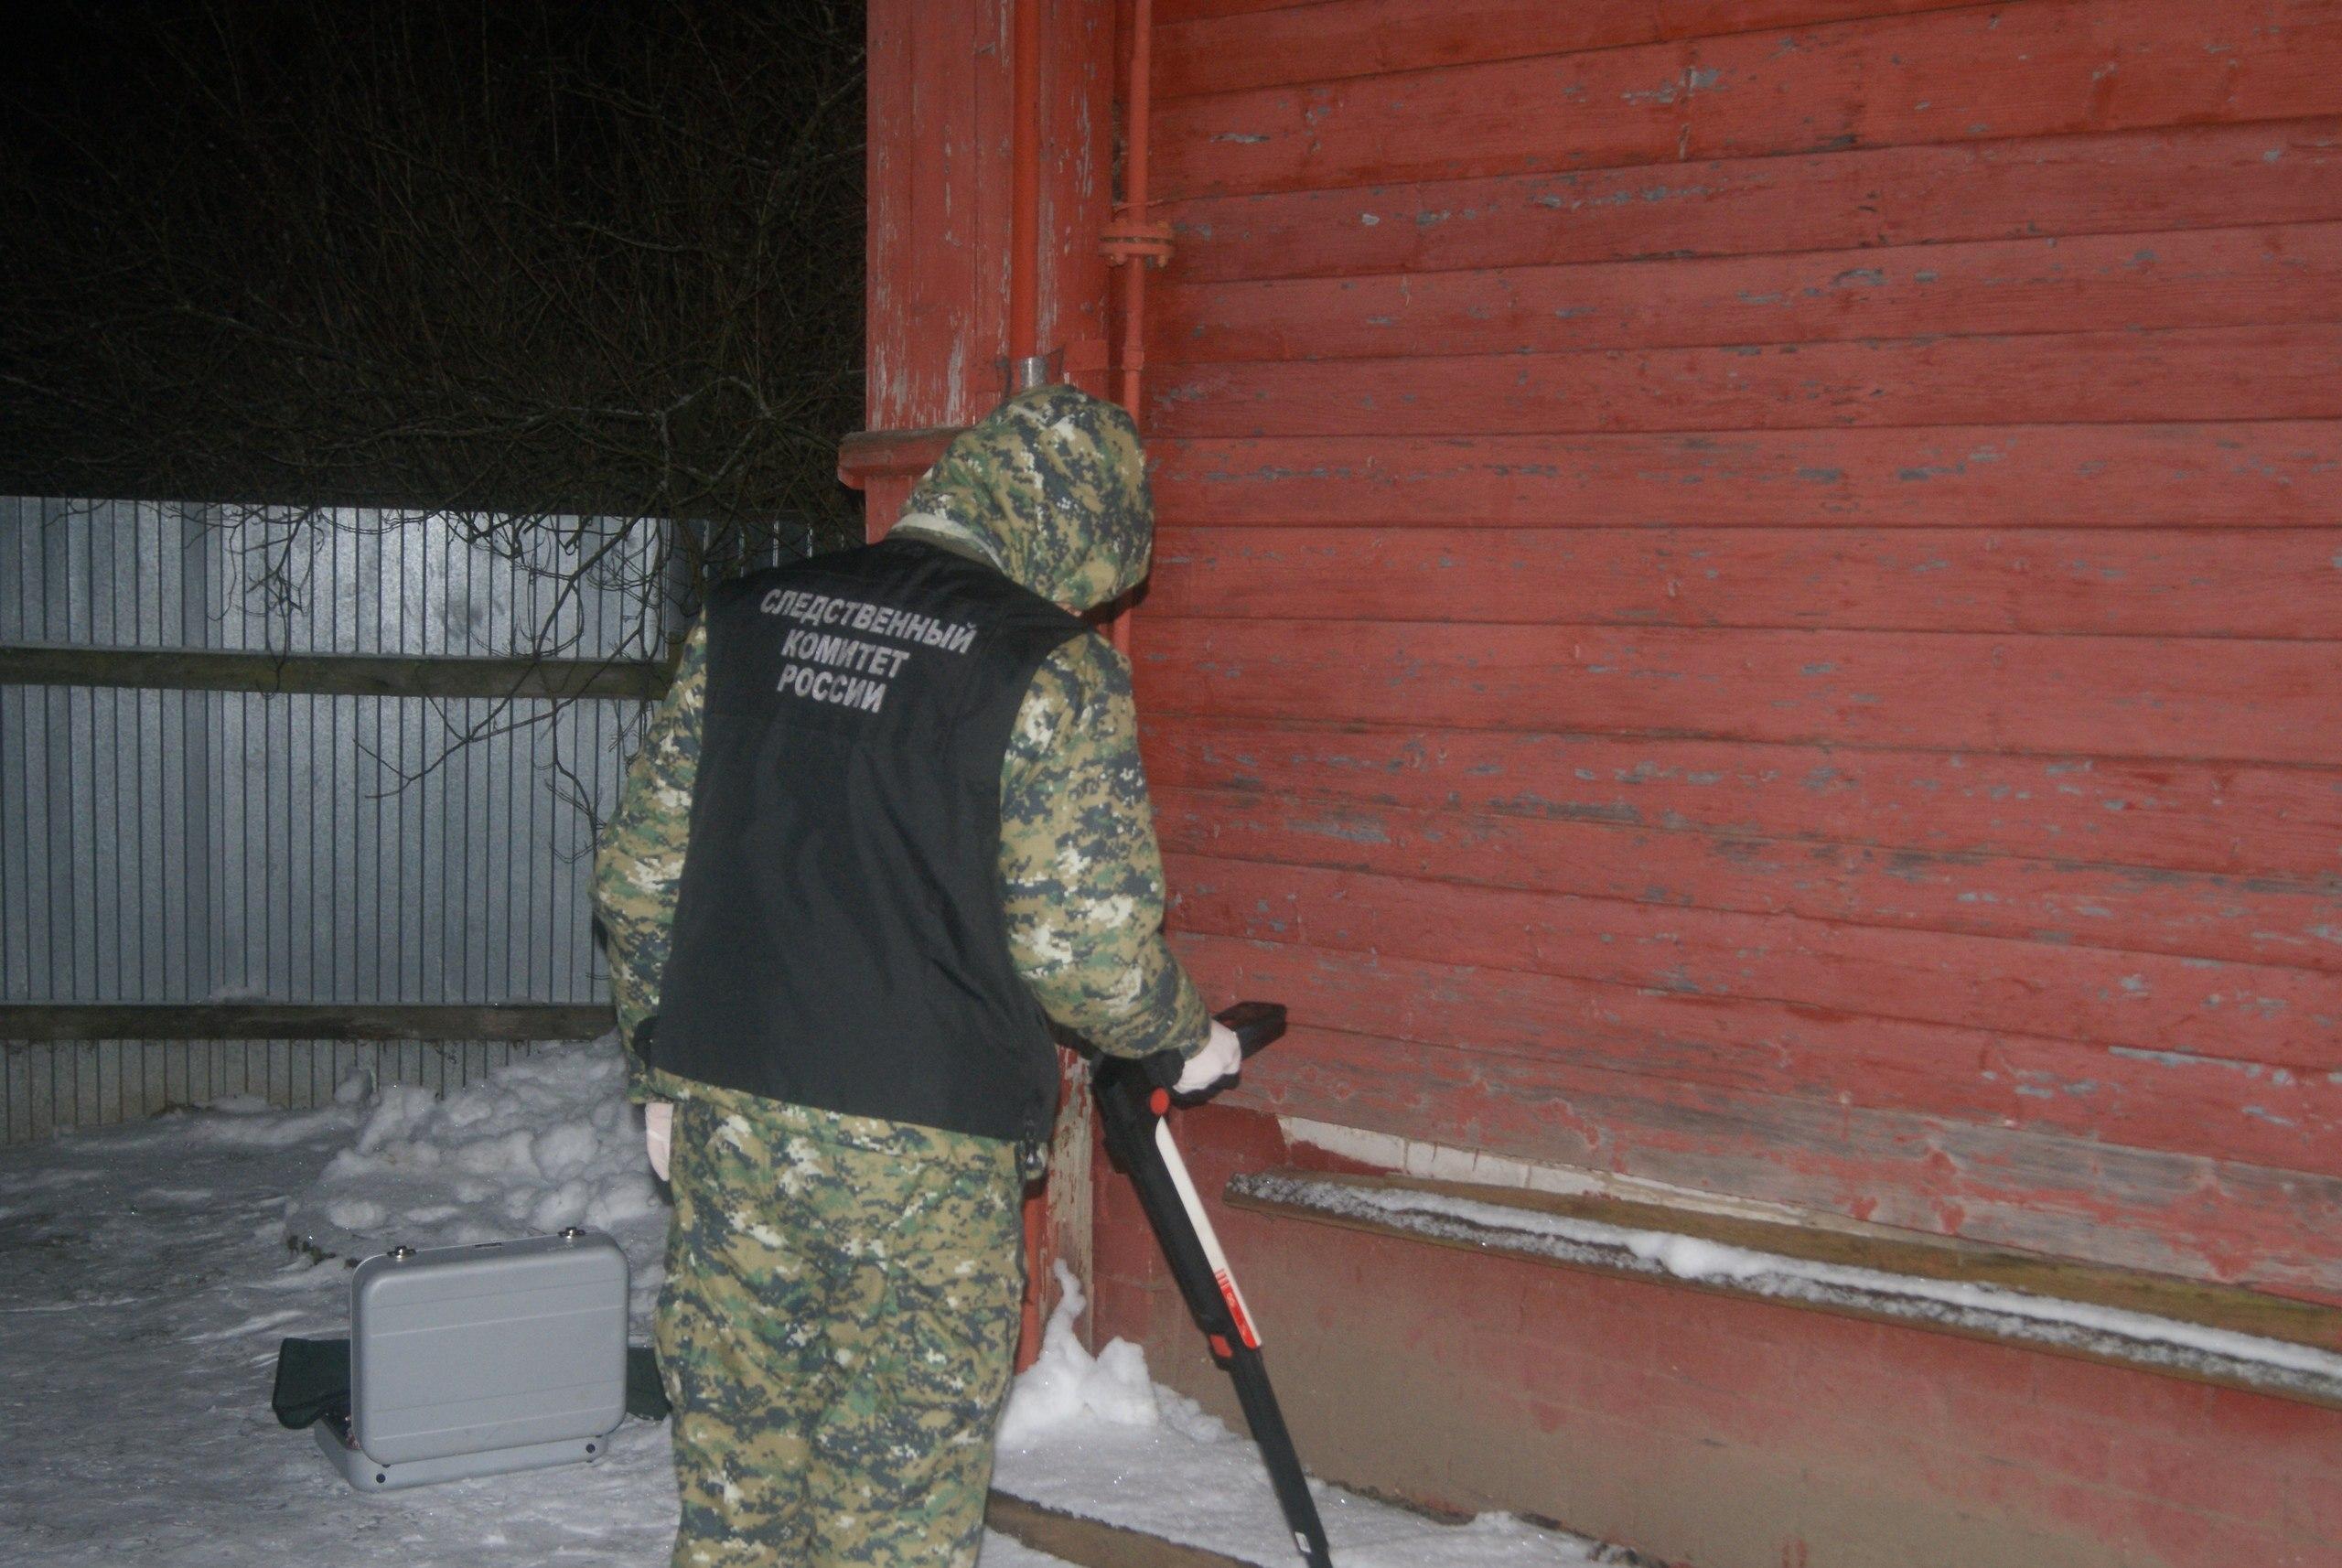 Житель Тверской области расстрелял из ружья двух человек - новости Афанасий